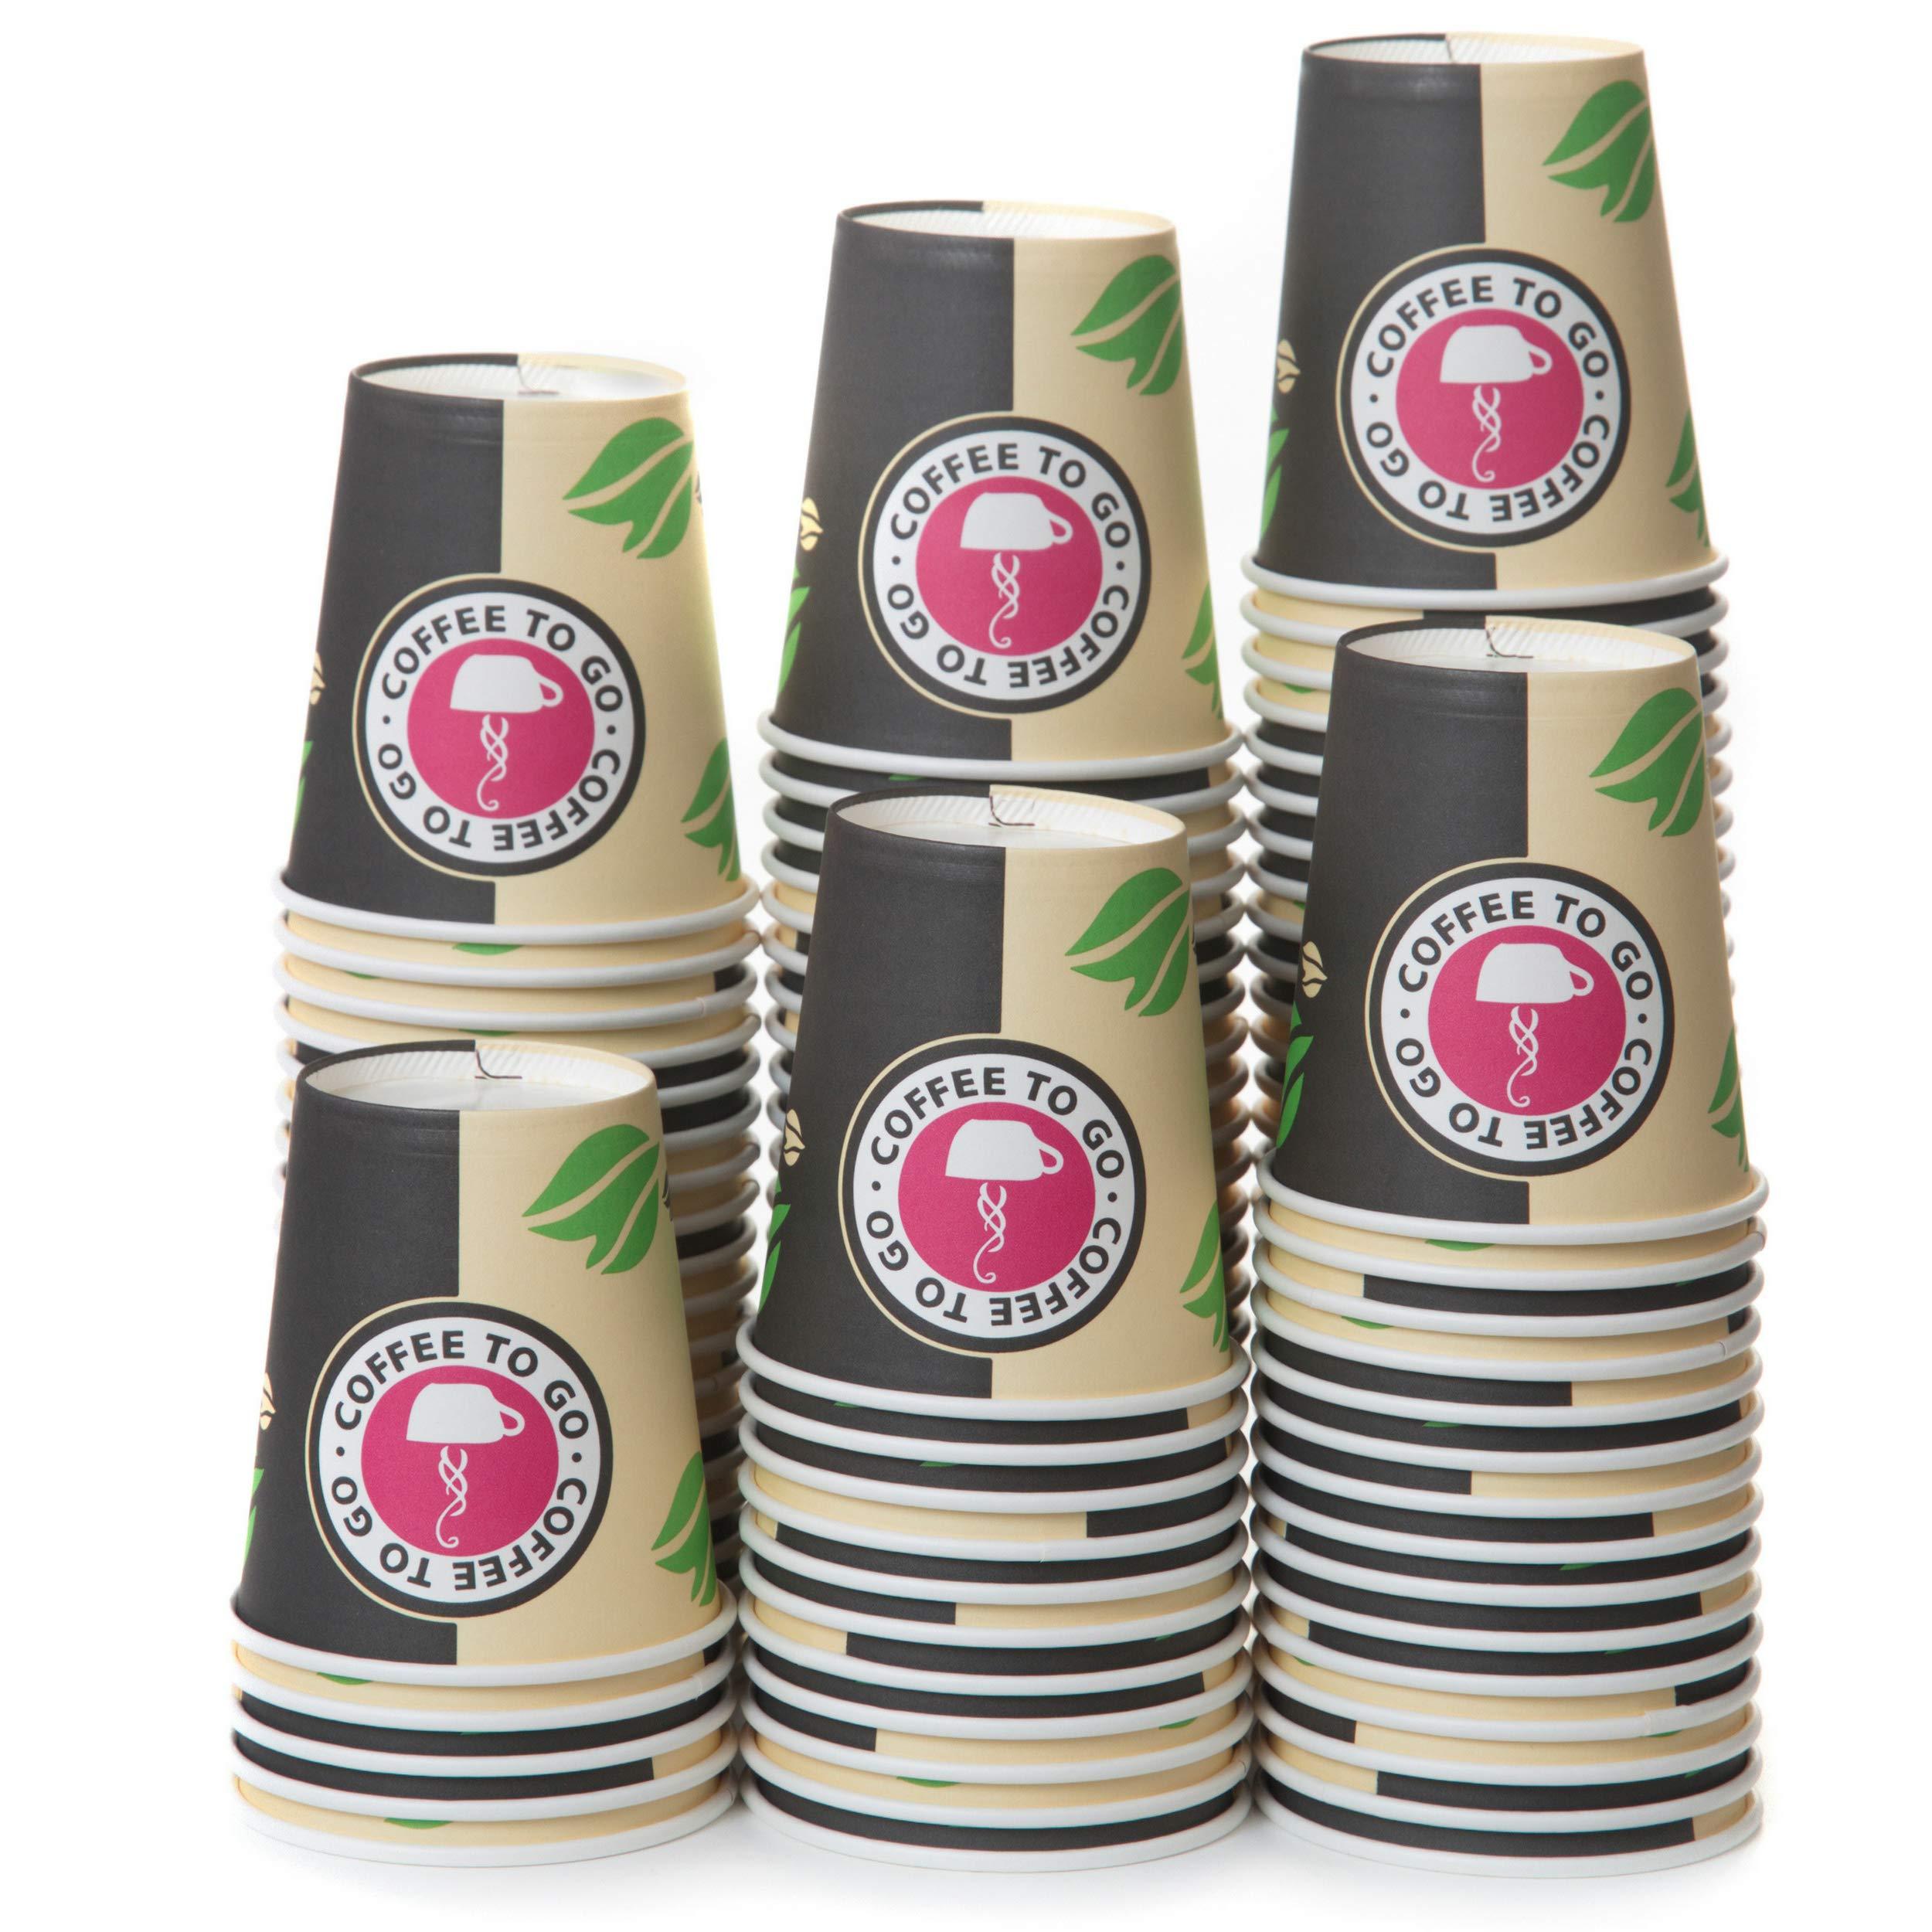 100 Vasos Desechables de Café Para Llevar - Vasos Carton 240 ml para Servir el Café